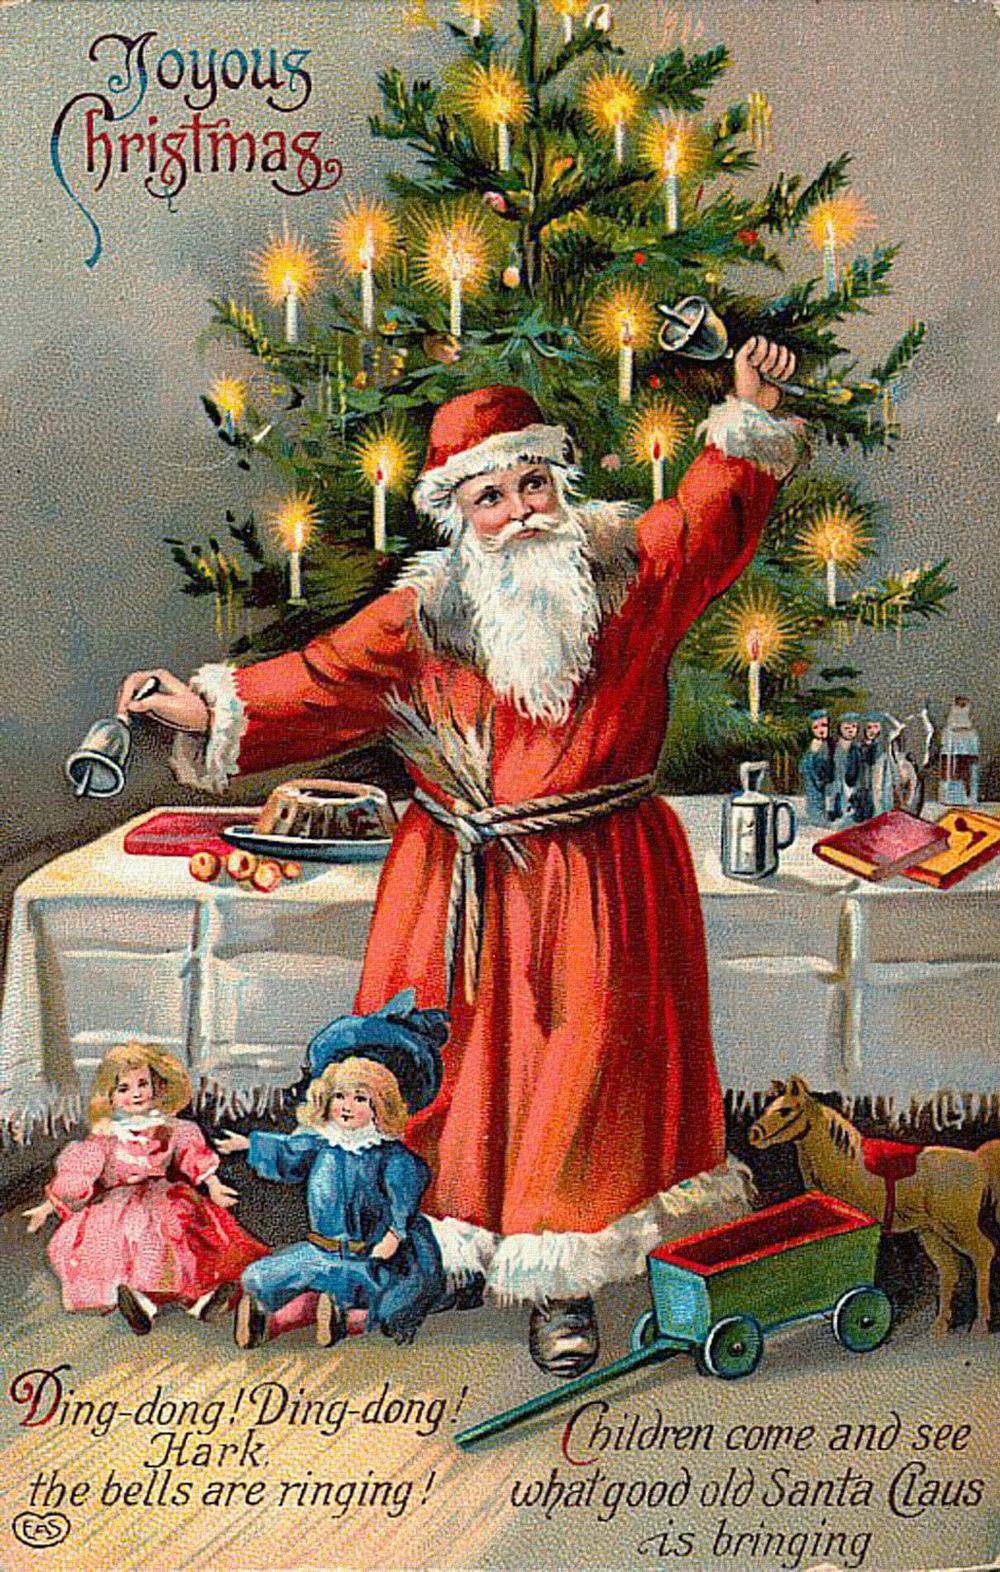 Cartes postales anciennes: Carte postale ancienne Père Noël